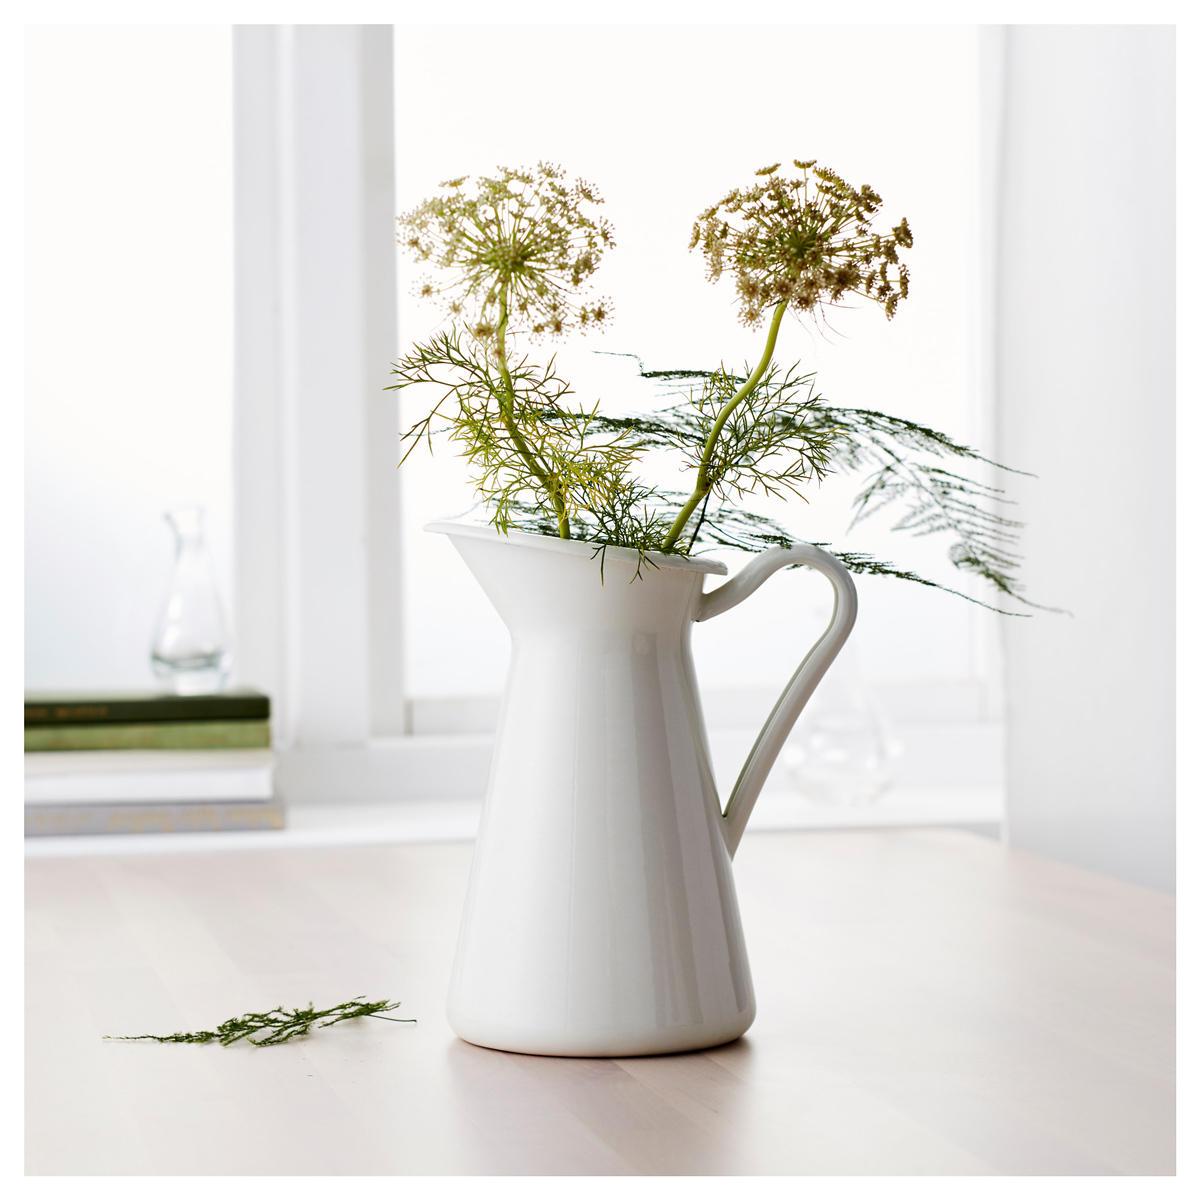 화이트 빈티지 초라한 세련된 크림 꽃병 에나멜 투수 주전자 키가 큰 금속 웨딩 장식